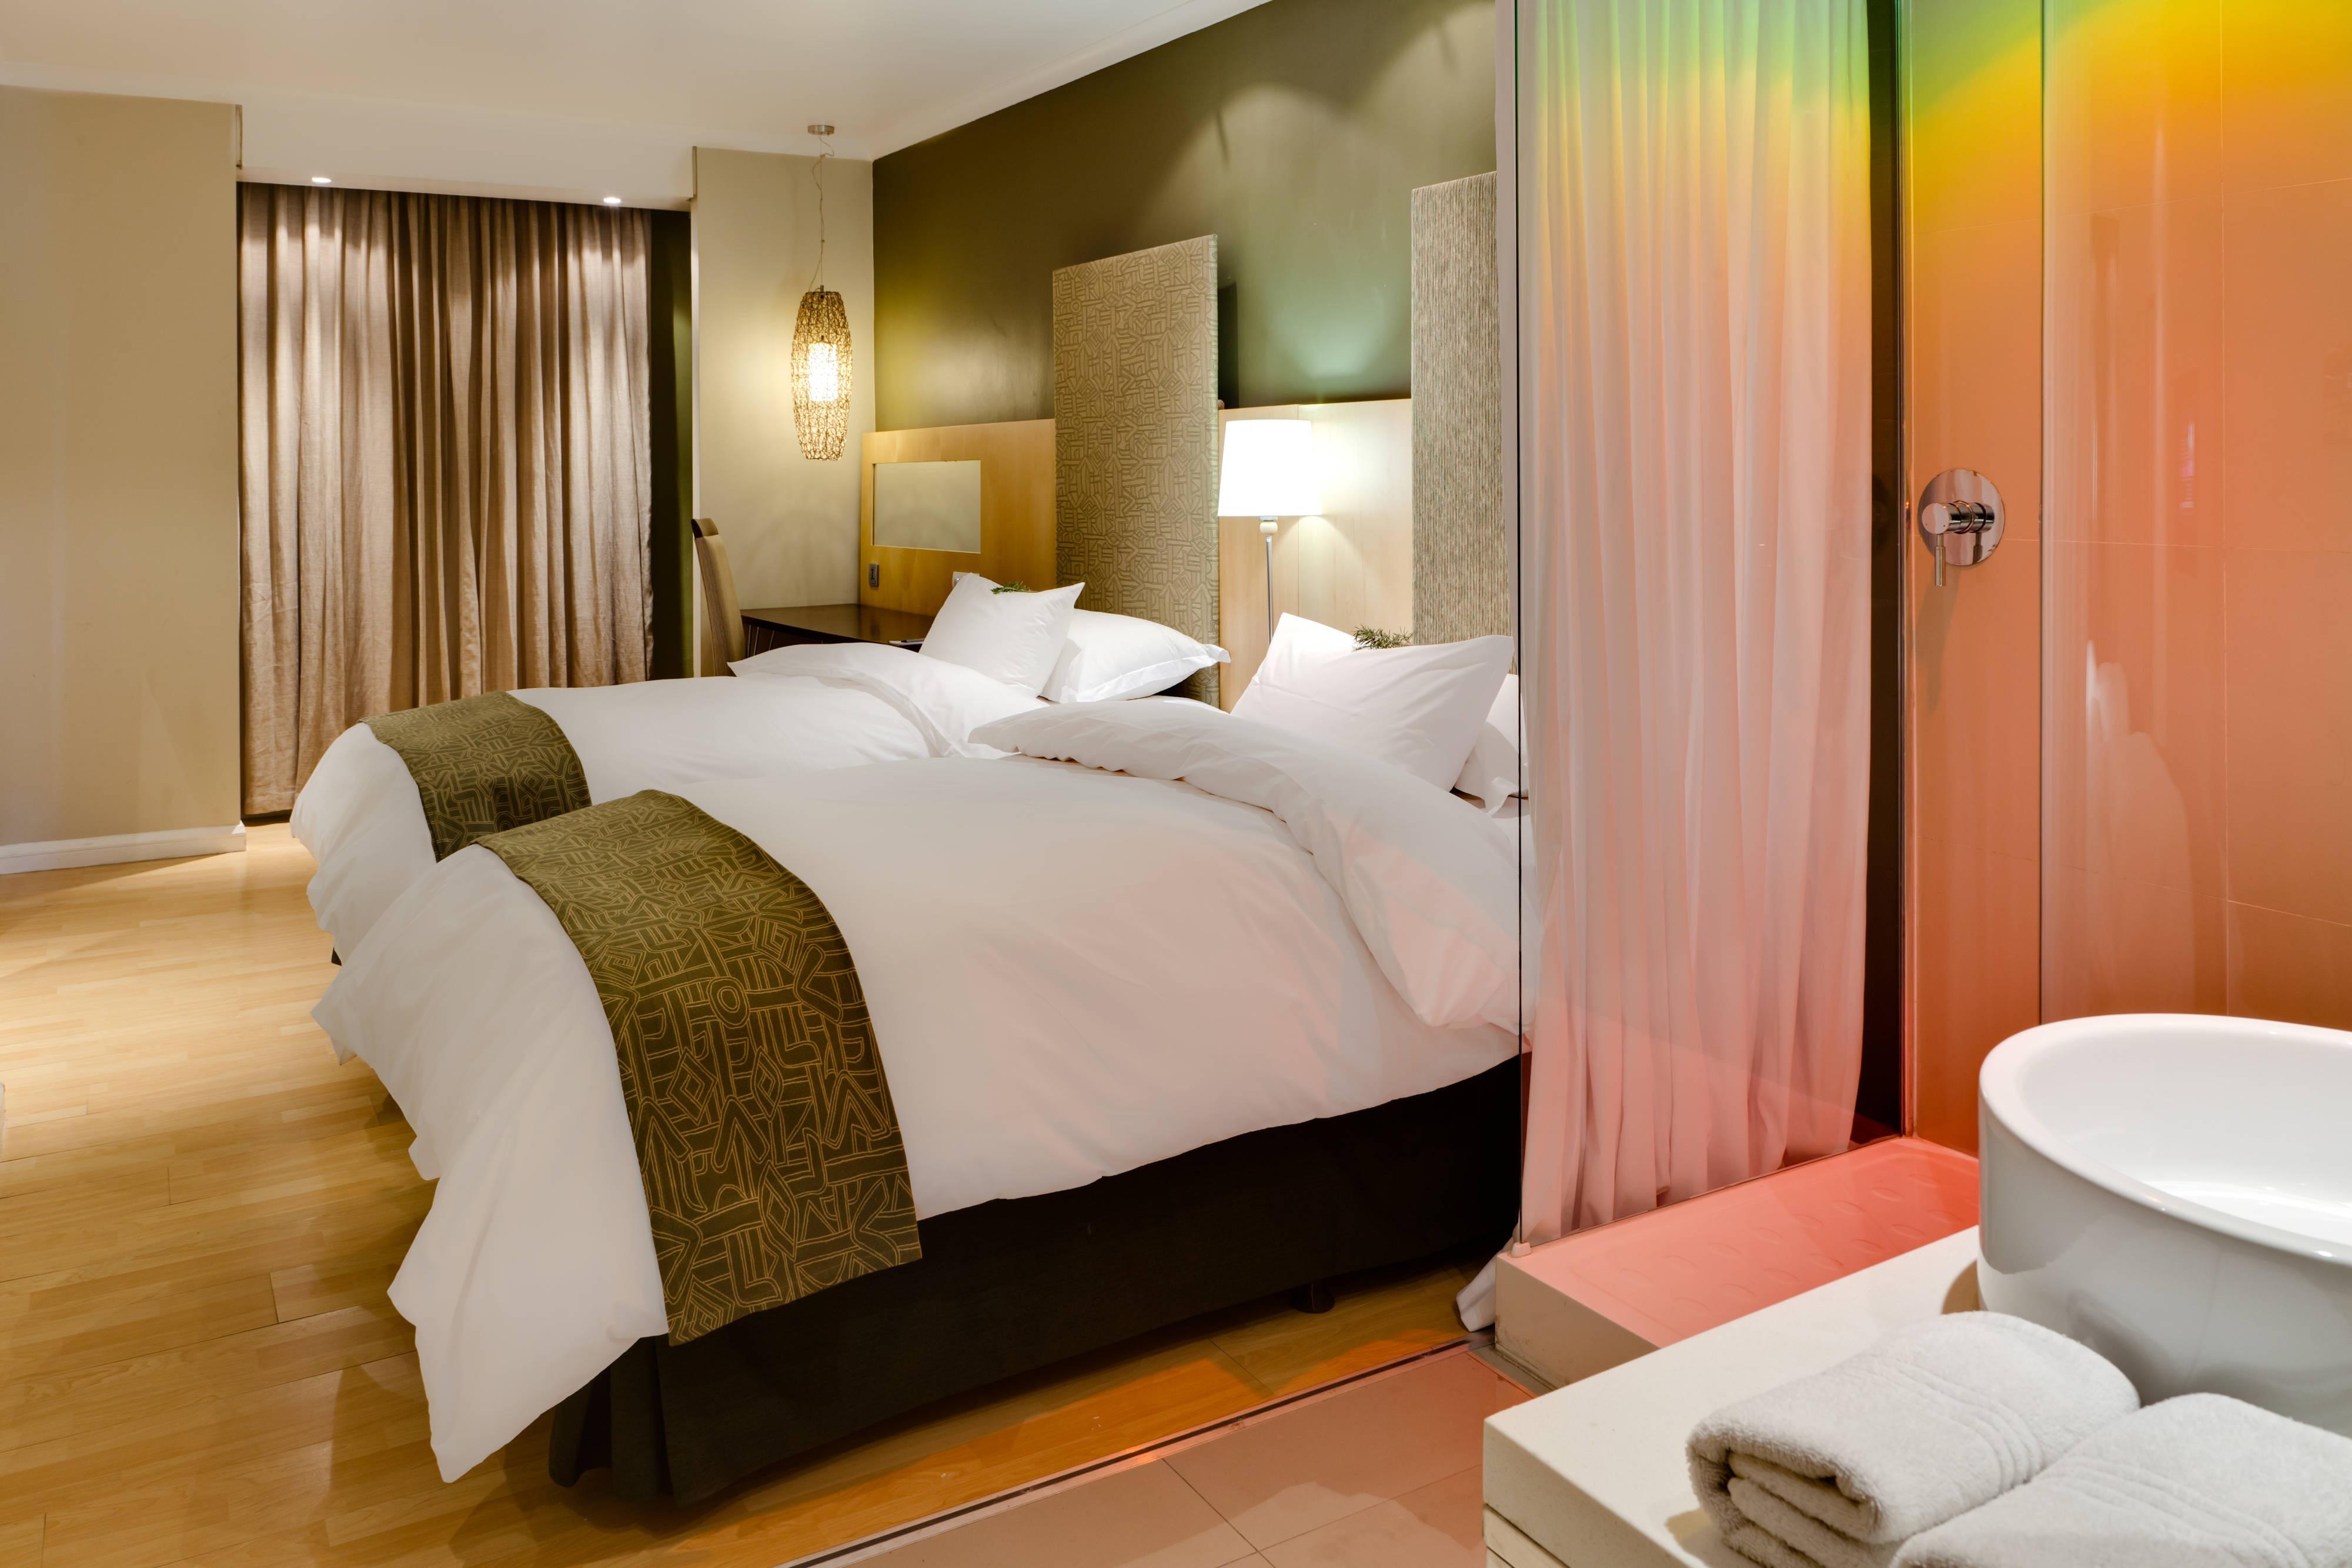 Chambre avec deux lits jumeaux